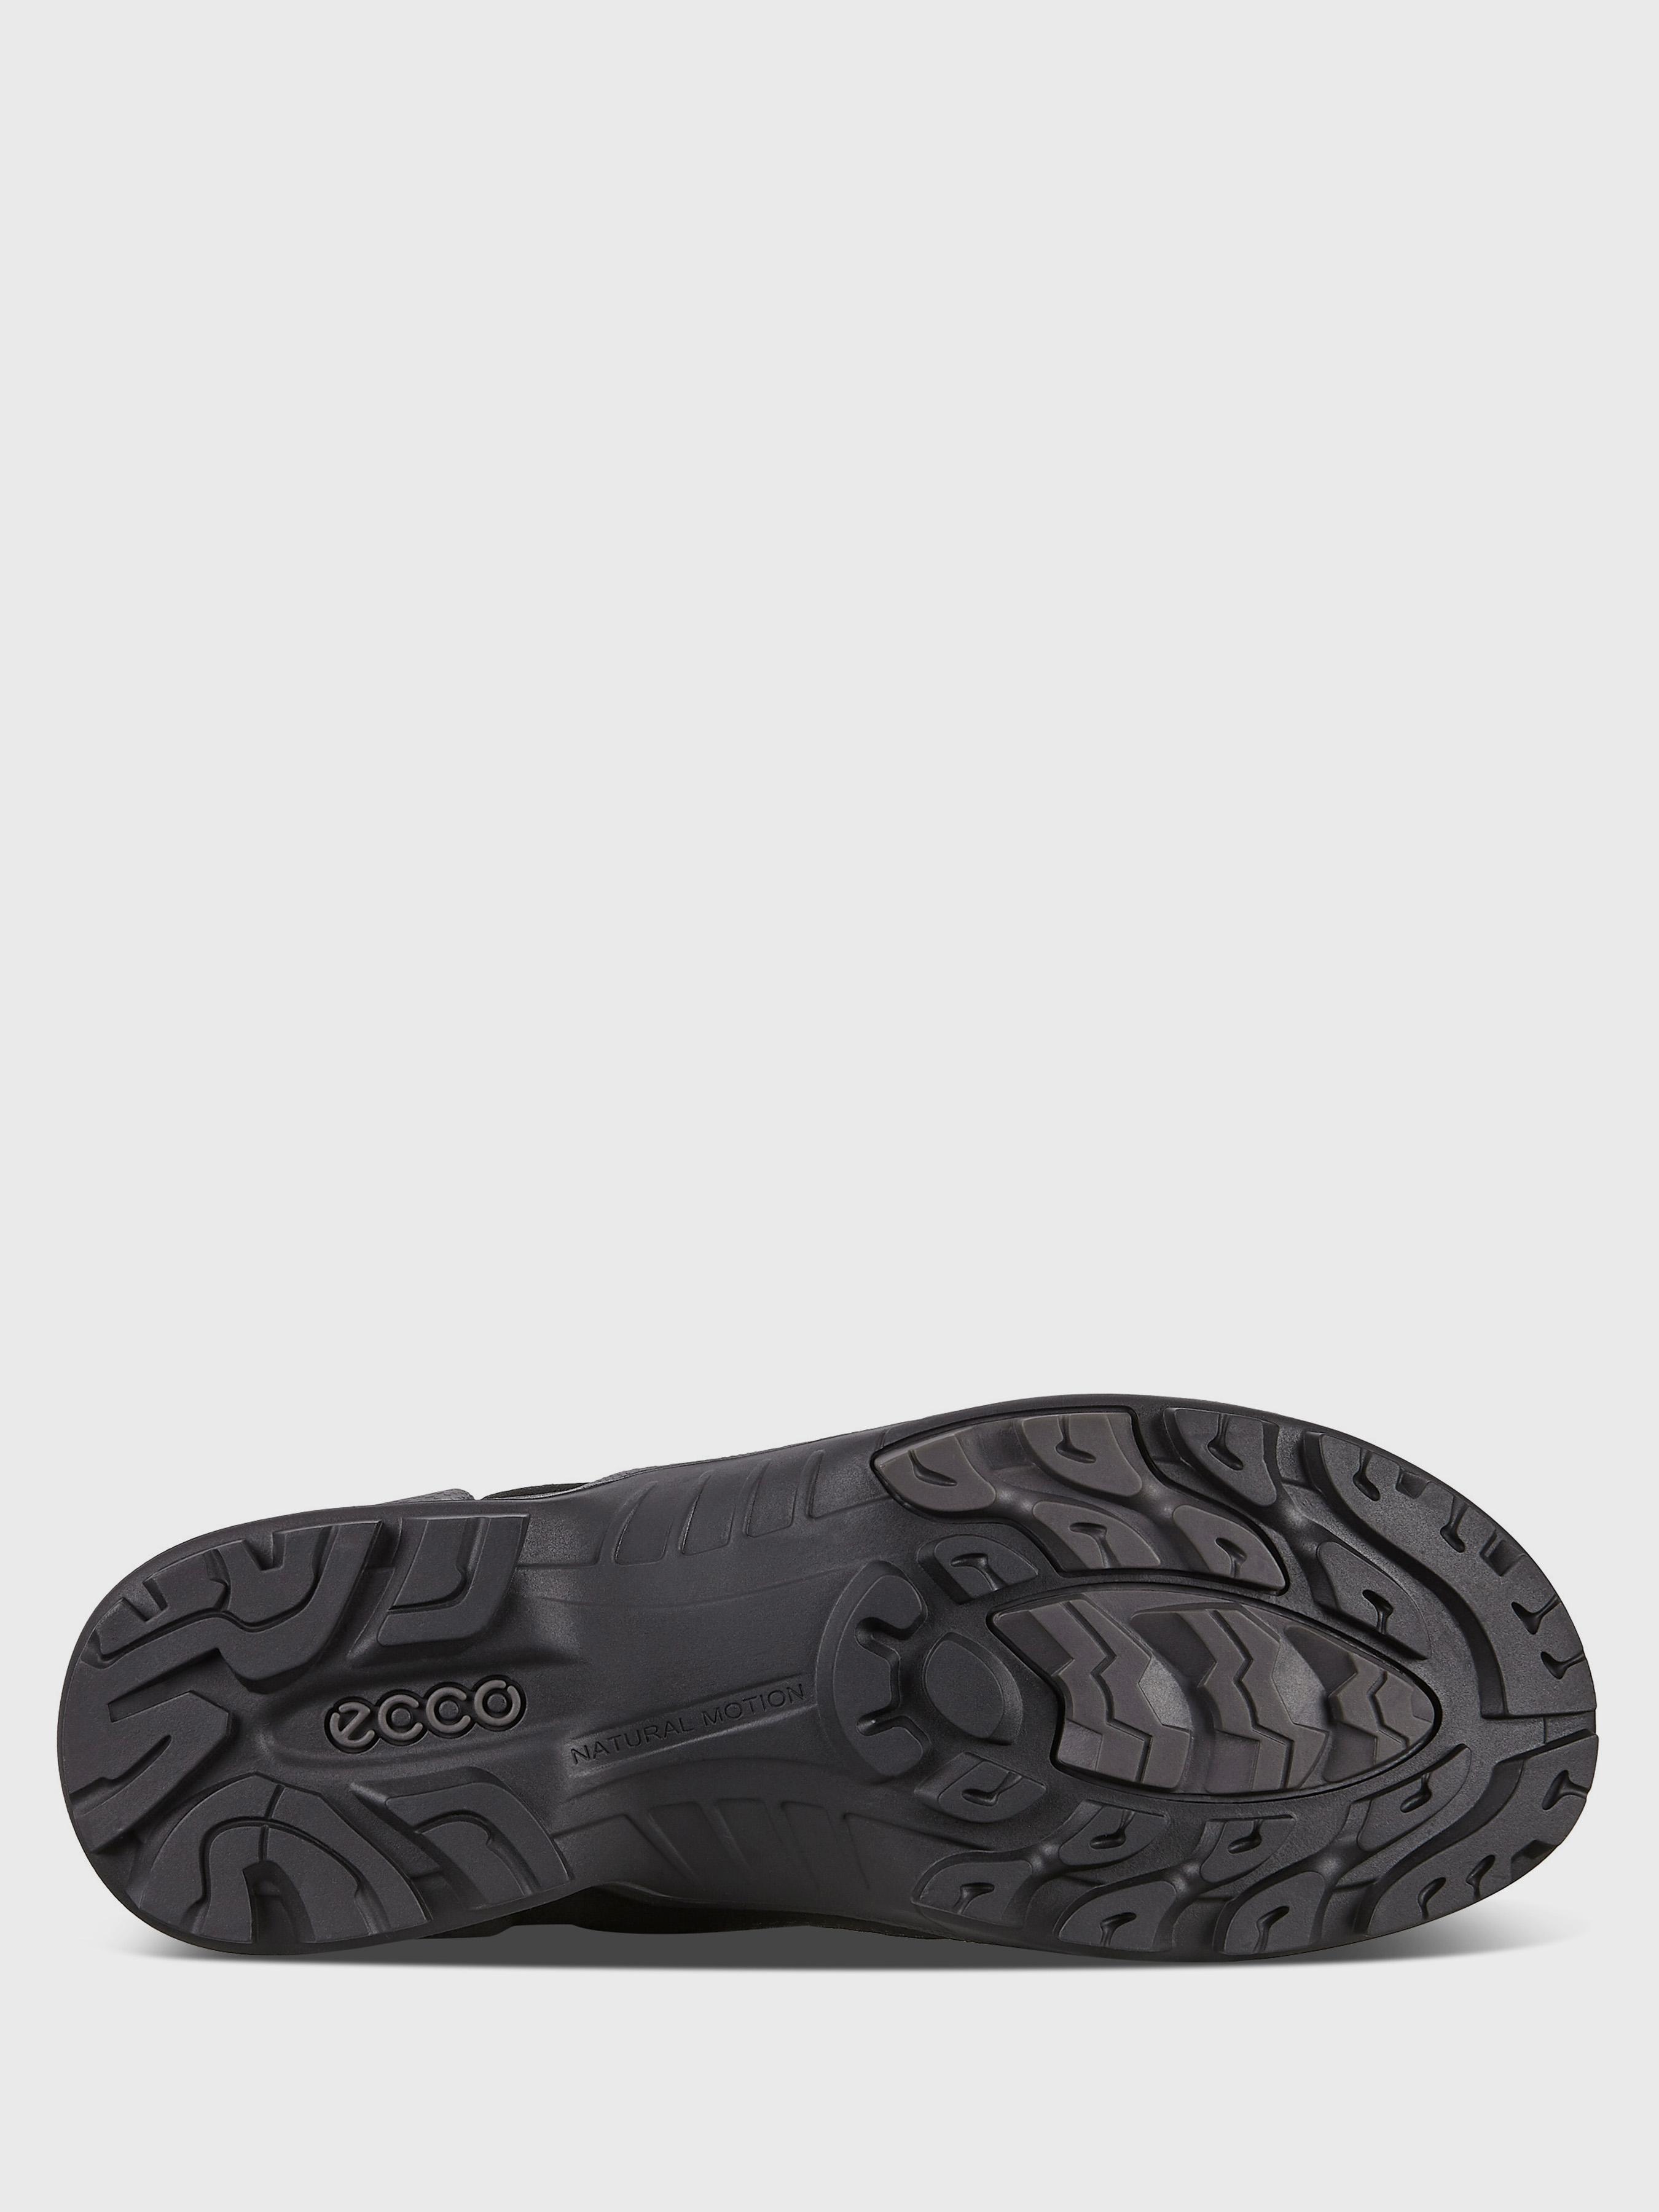 Ботинки мужские ECCO ZM4271 цена, 2017